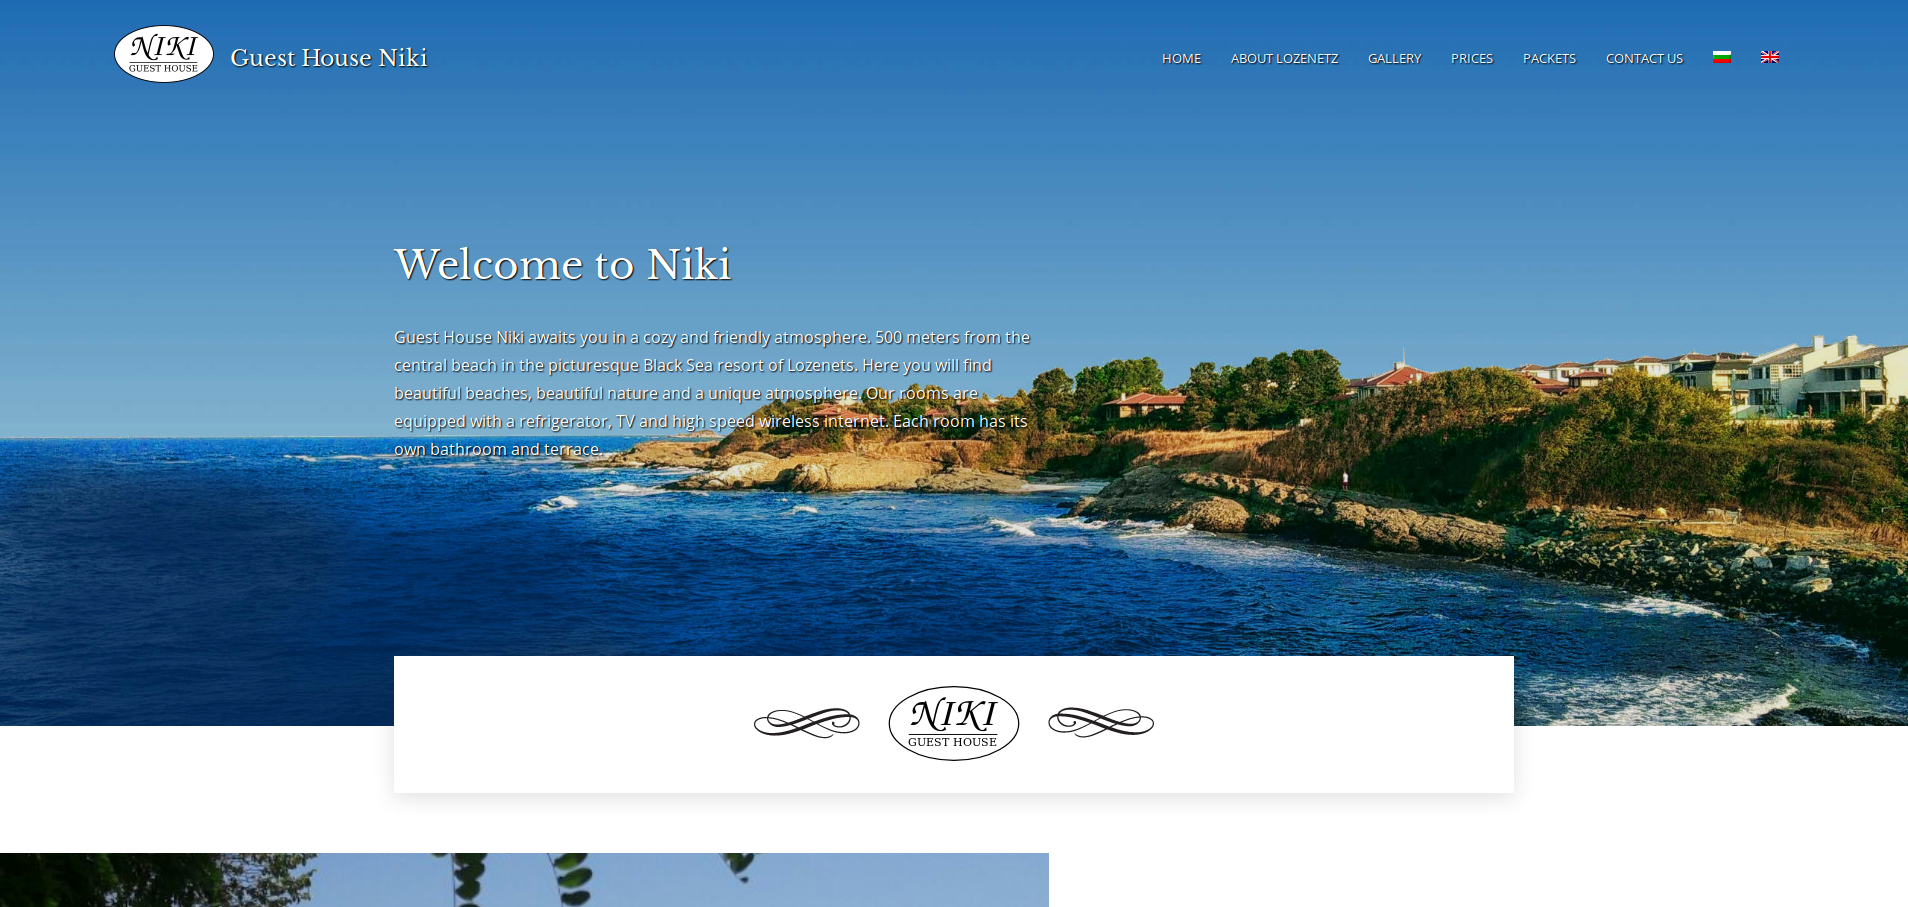 Guest House Niki website screenshot